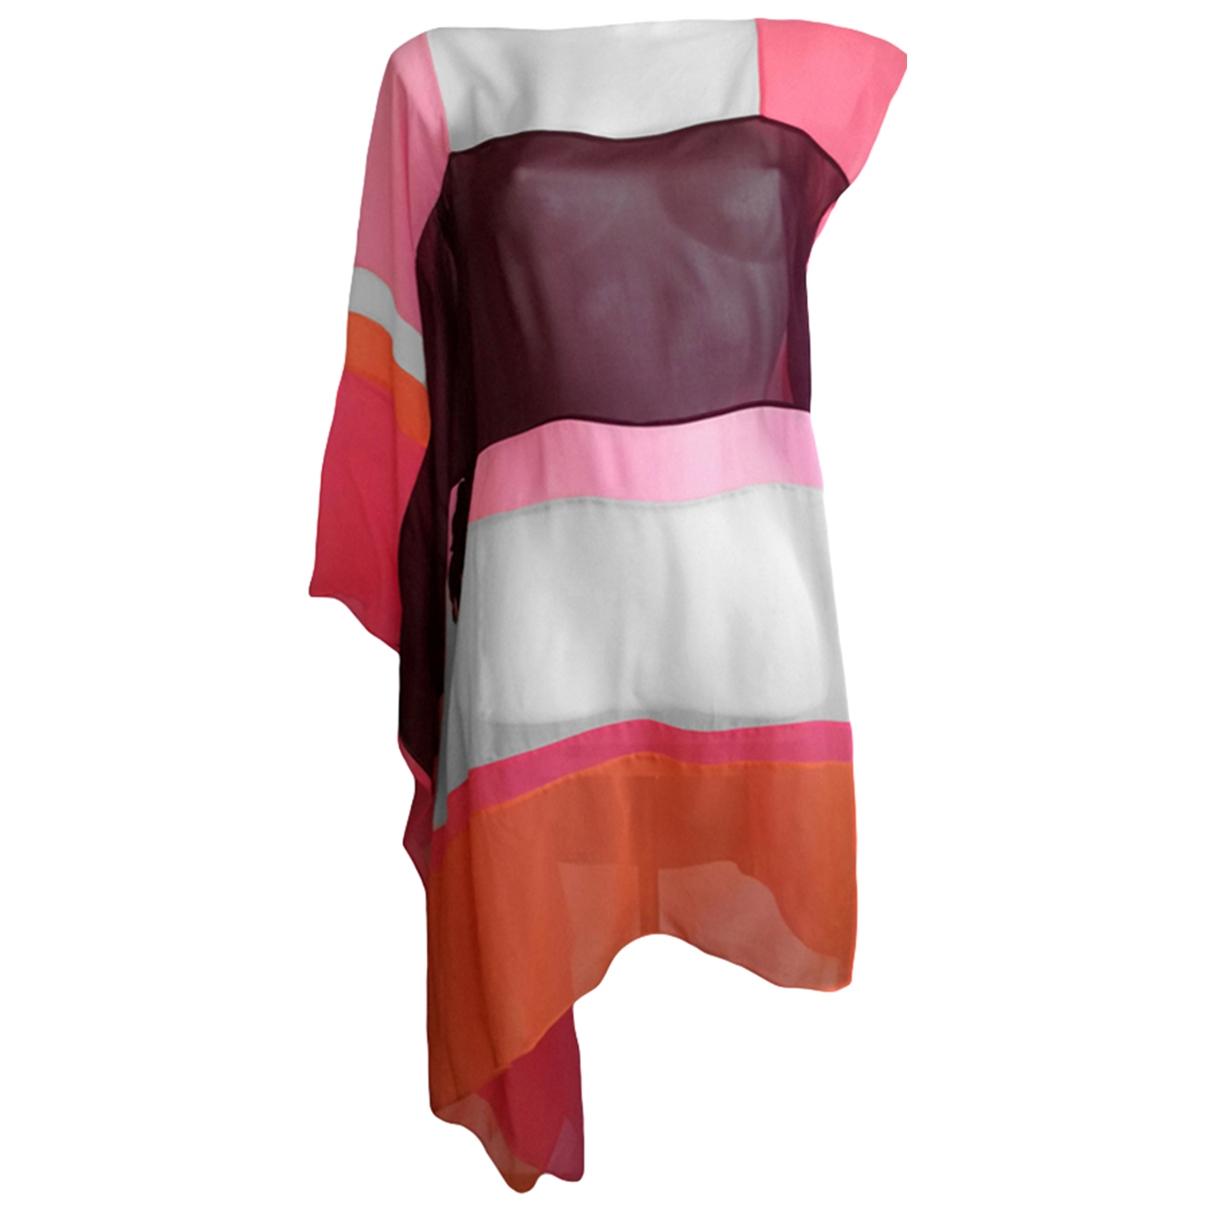 femme accessoire robe fantaisie NEUF Jumbo osseuse CAVEMAN